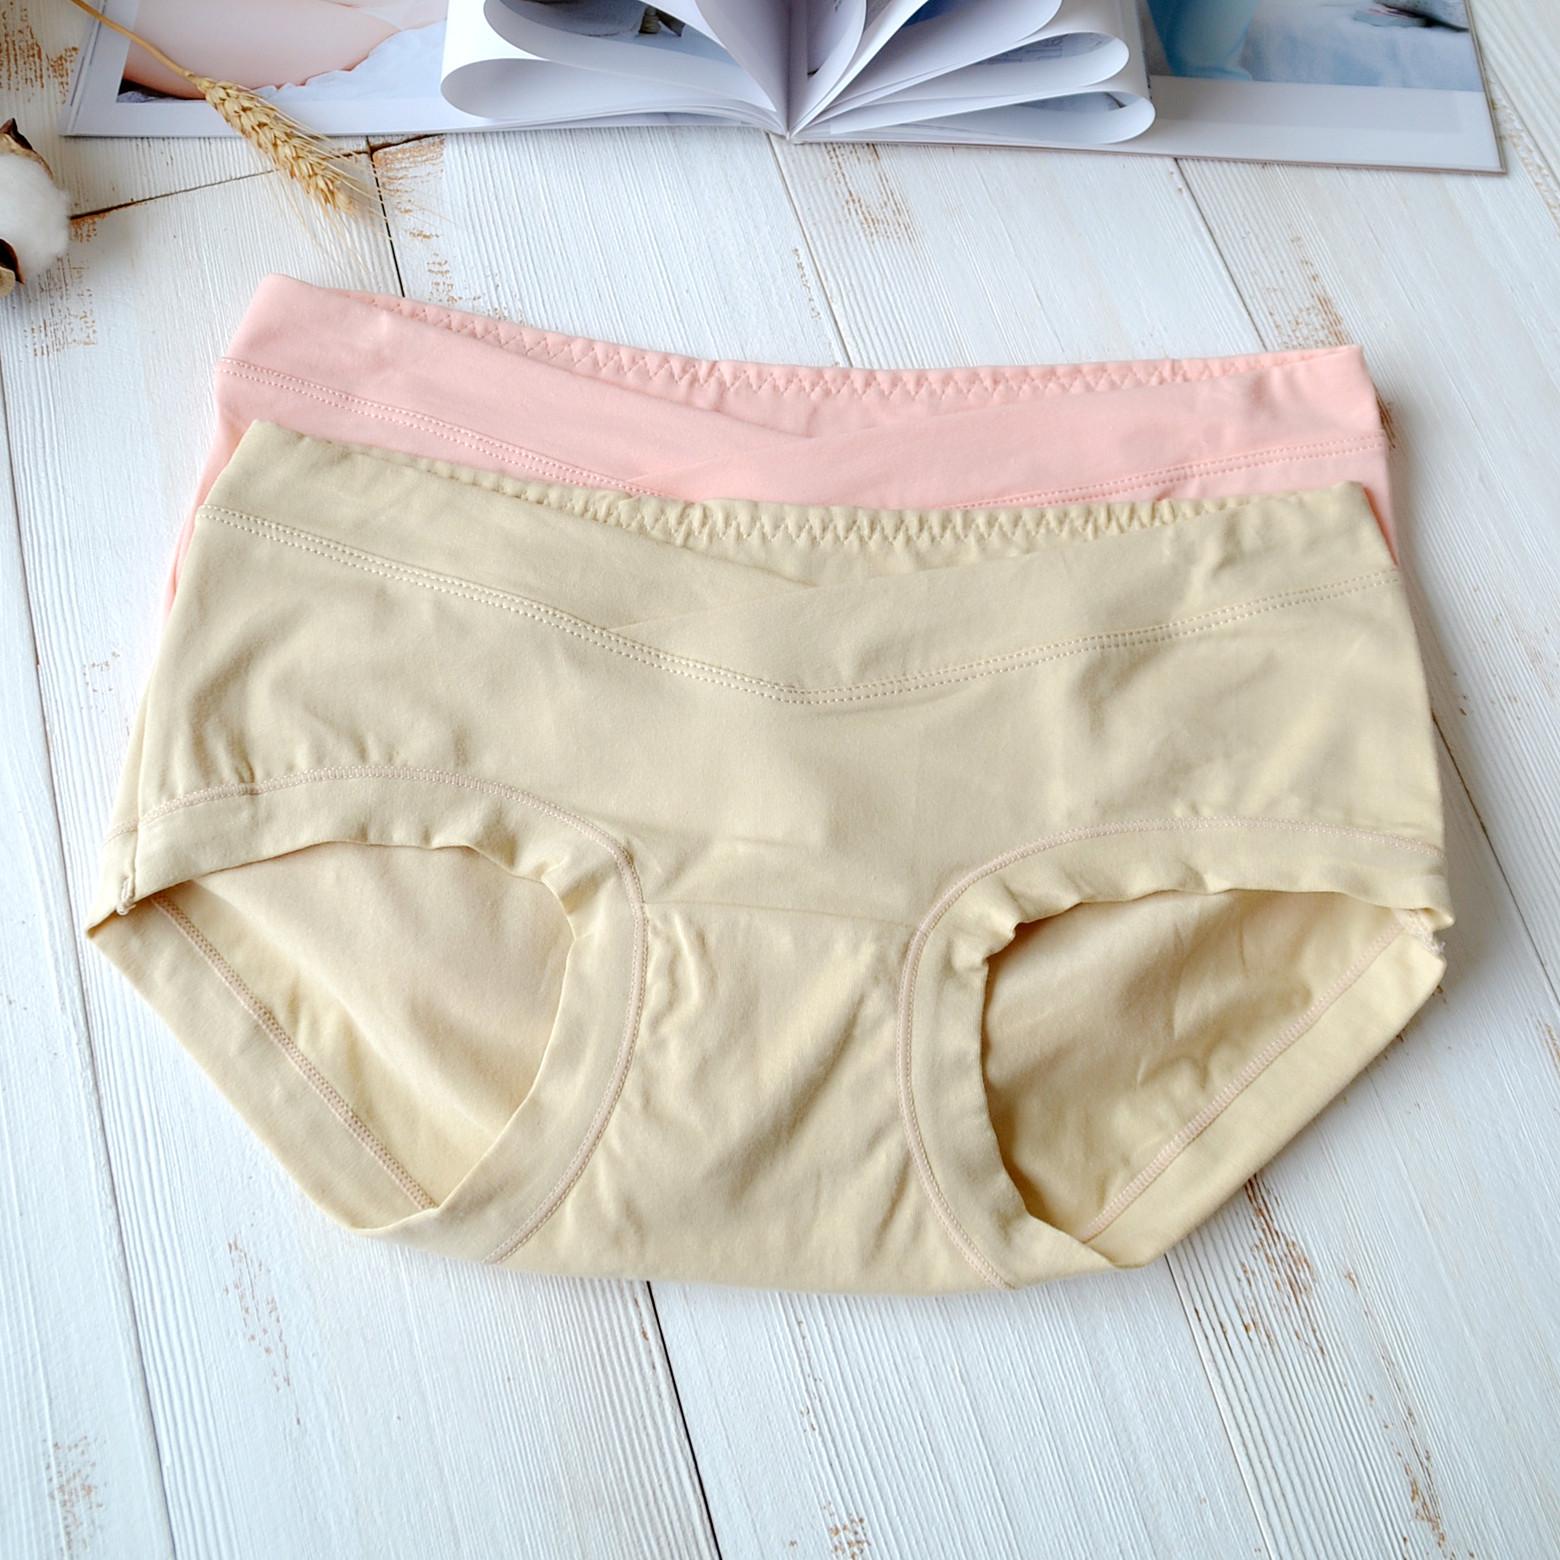 宜棲內衣孕婦內褲產婦低腰透氣抗菌懷孕期三角薄款產後託腹短褲頭